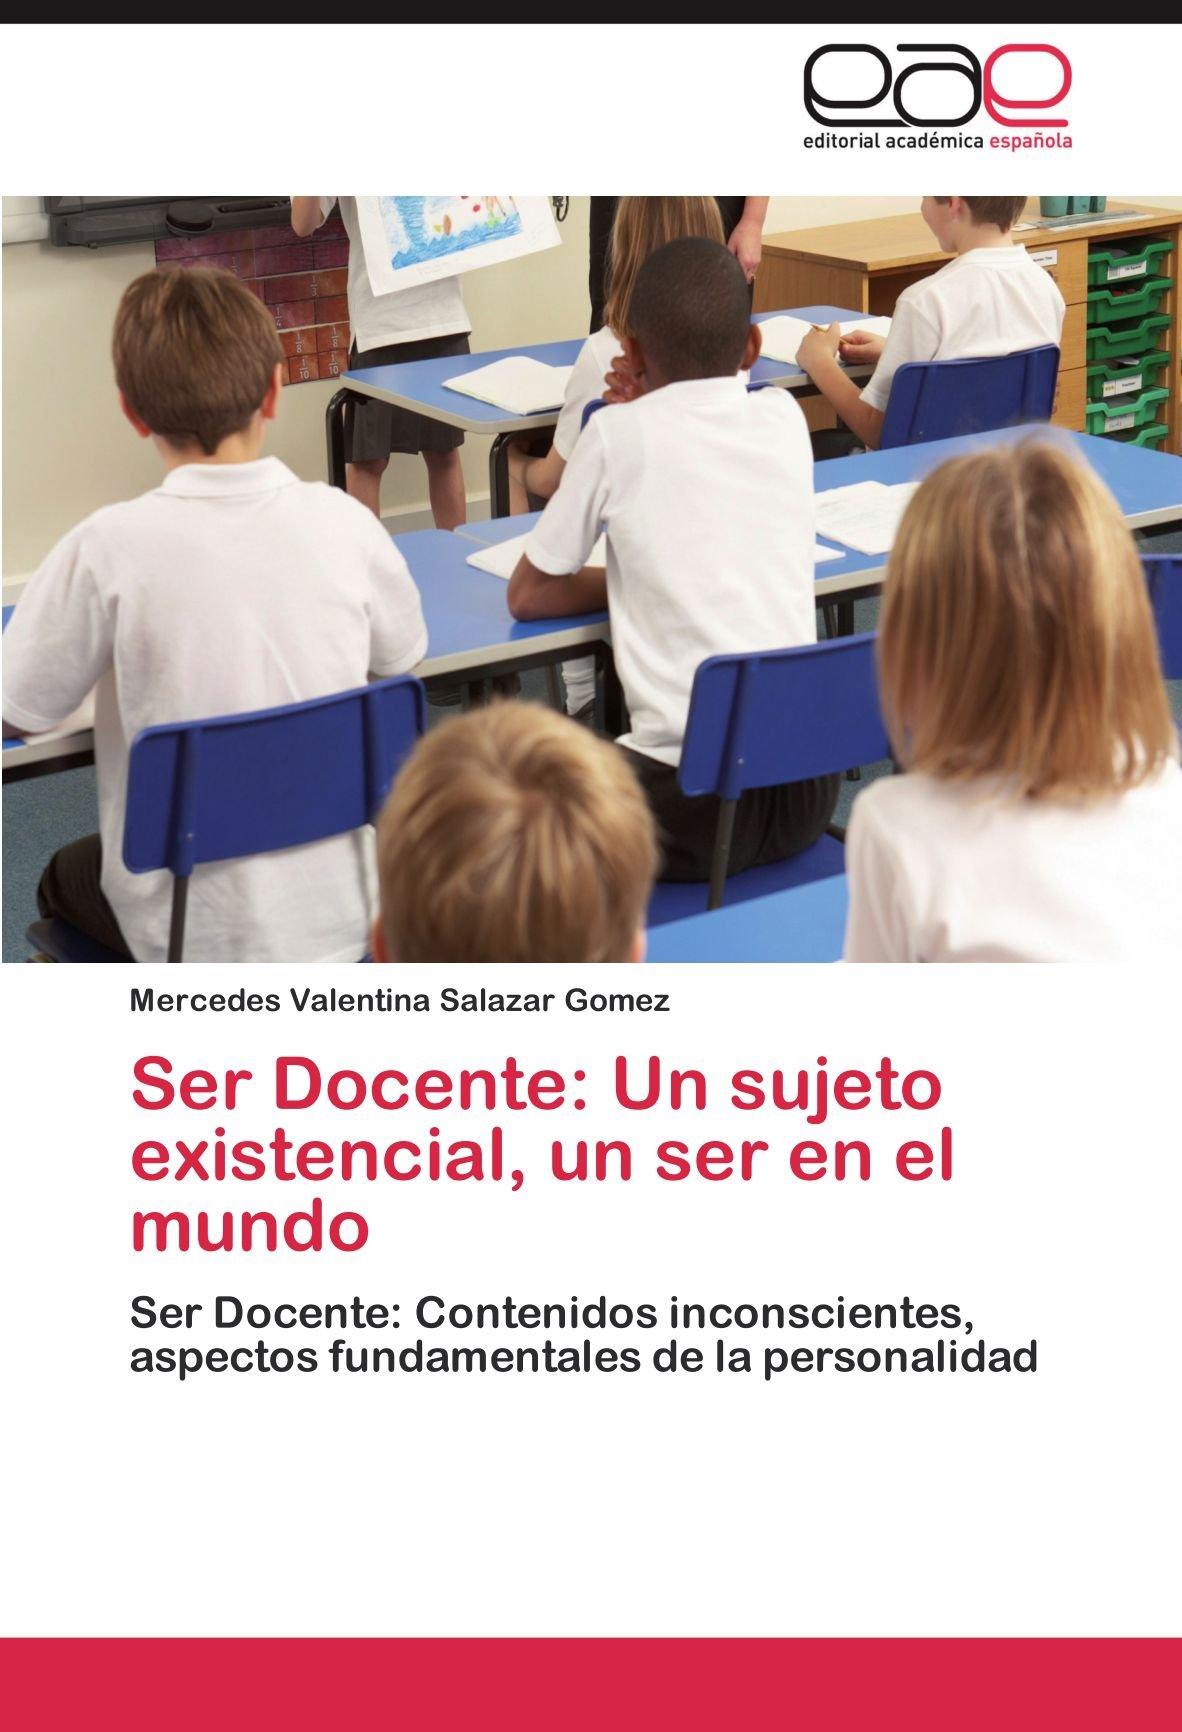 Ser Docente: Un sujeto existencial, un ser en el mundo: Ser Docente: Contenidos inconscientes, aspectos fundamentales de la personalidad (Spanish Edition): ...